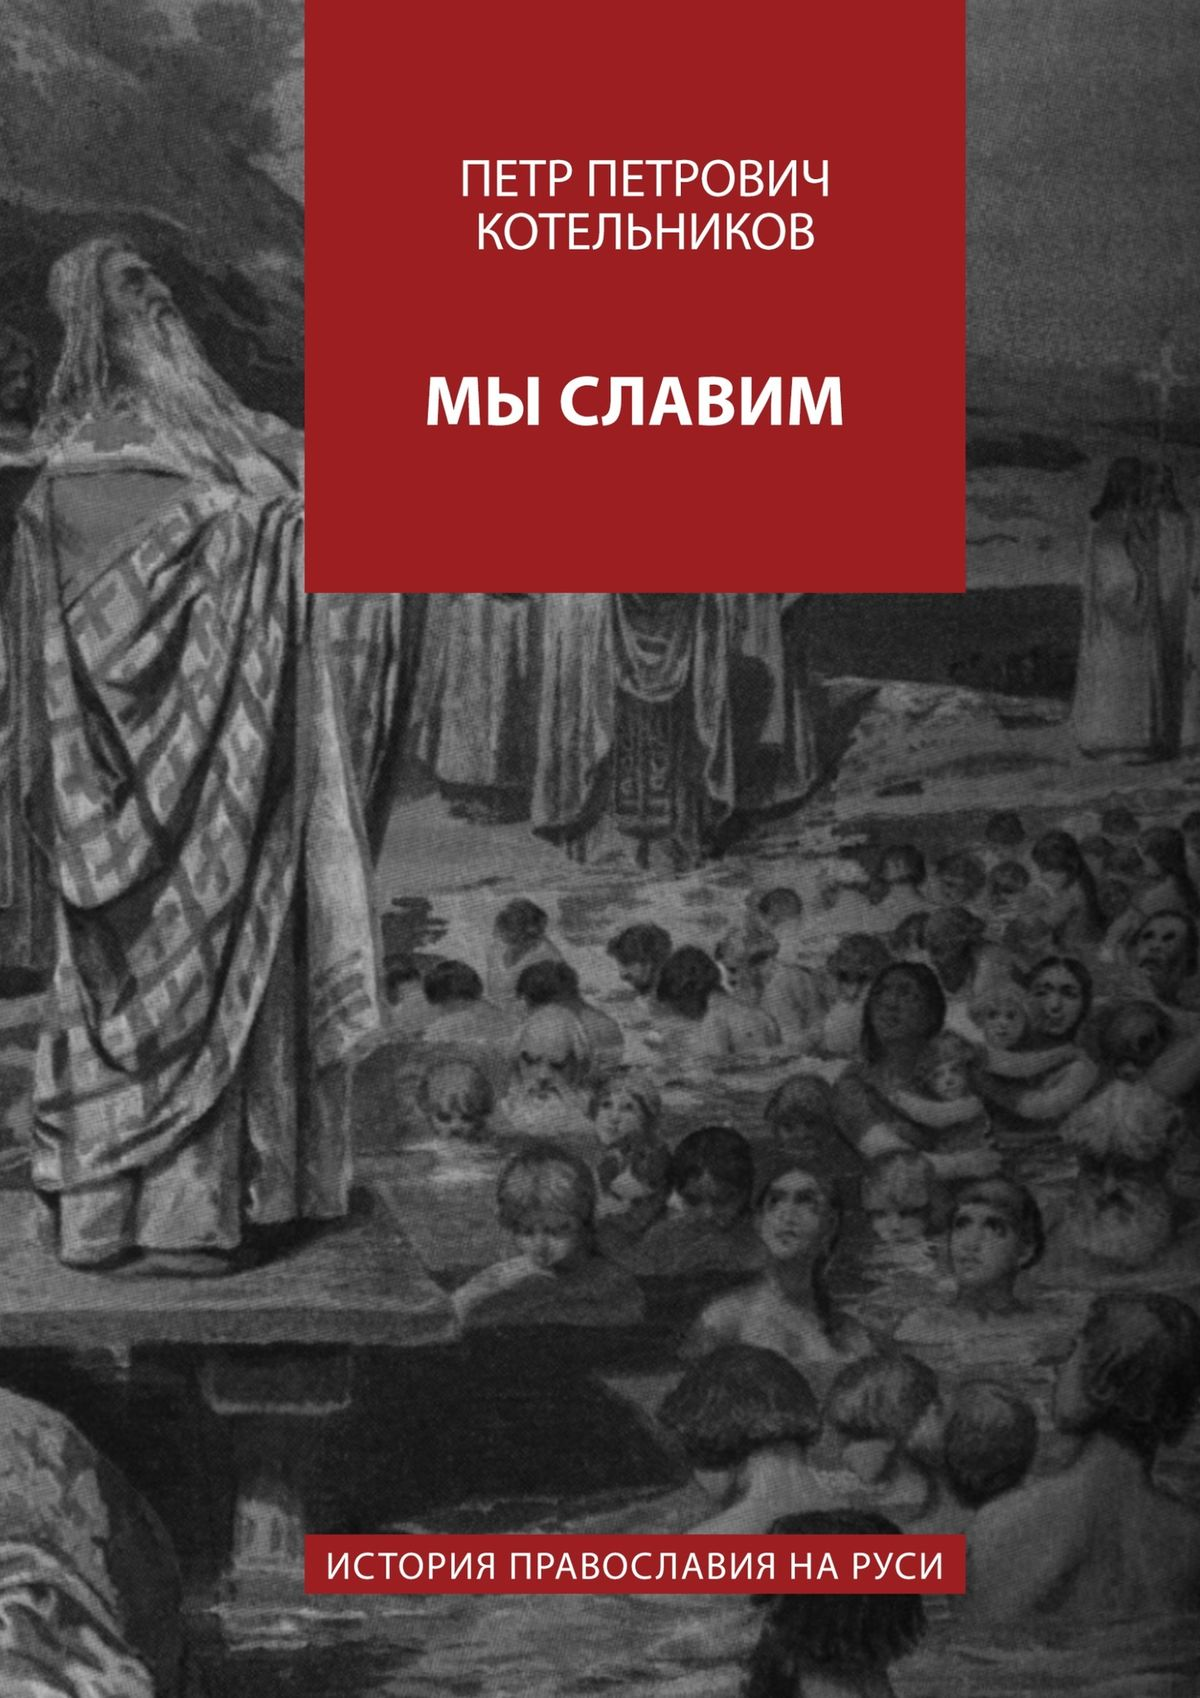 Петр Петрович Котельников Мы славим. История православия на Руси